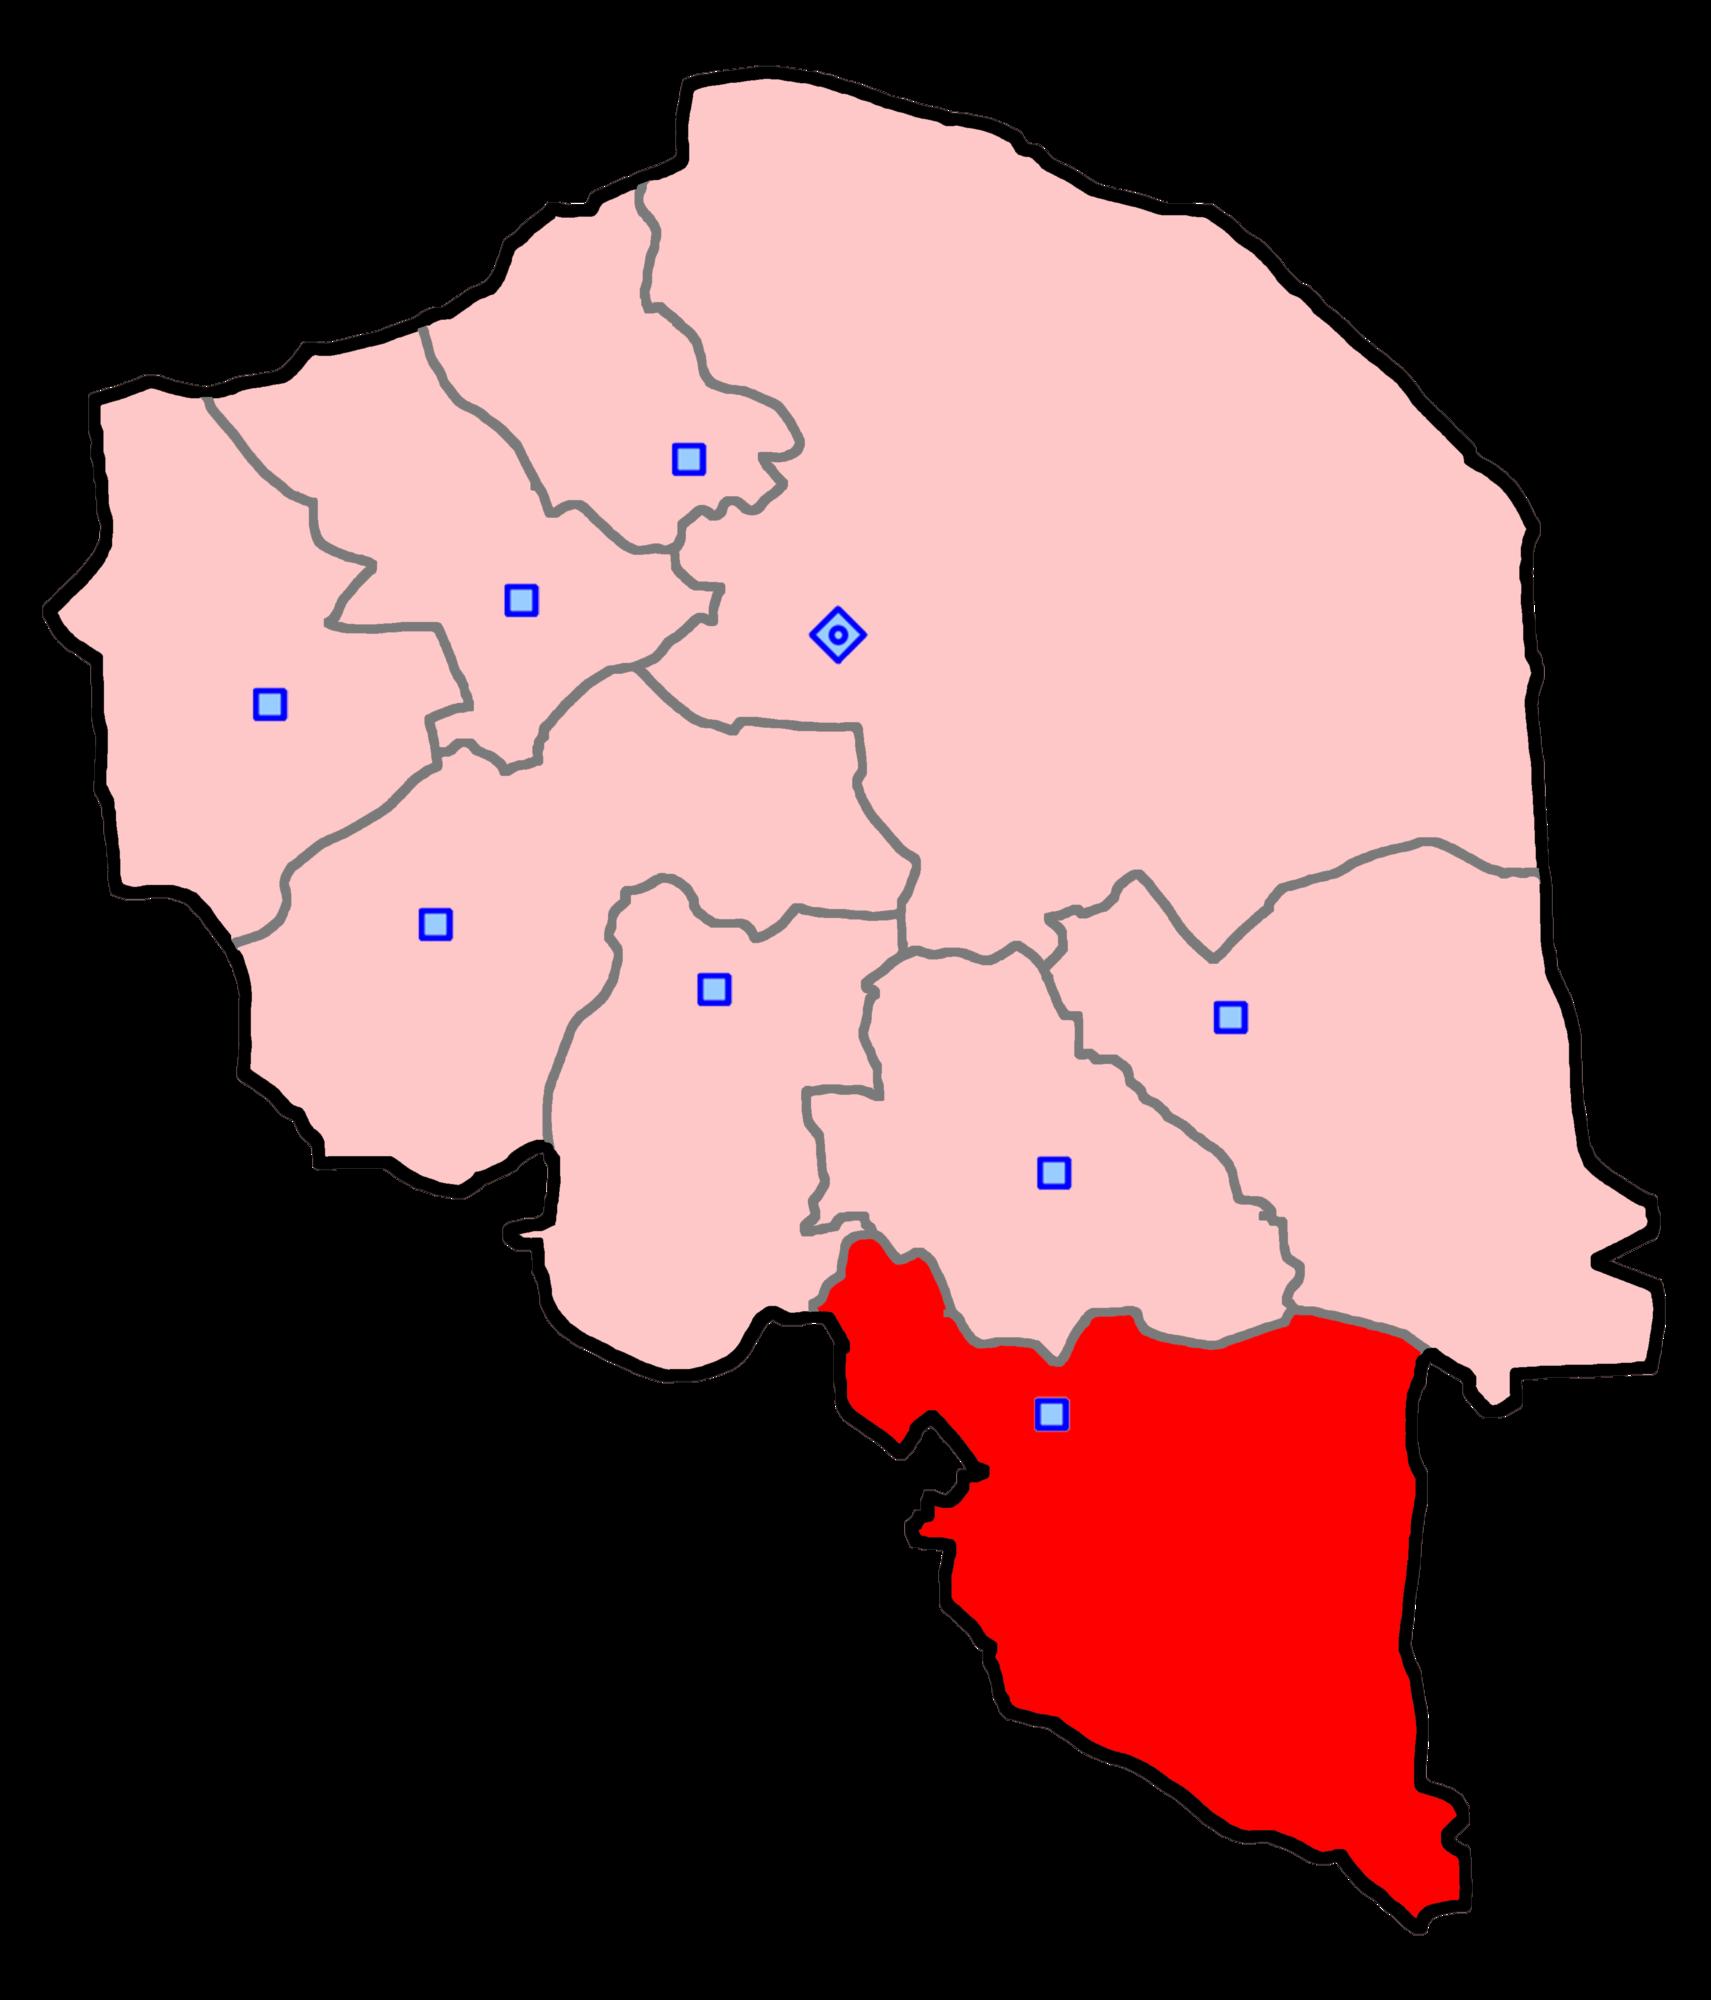 حوزه انتخابیه کهنوج، رودبار جنوب، فاریاب، قلعهگنج و منوجان